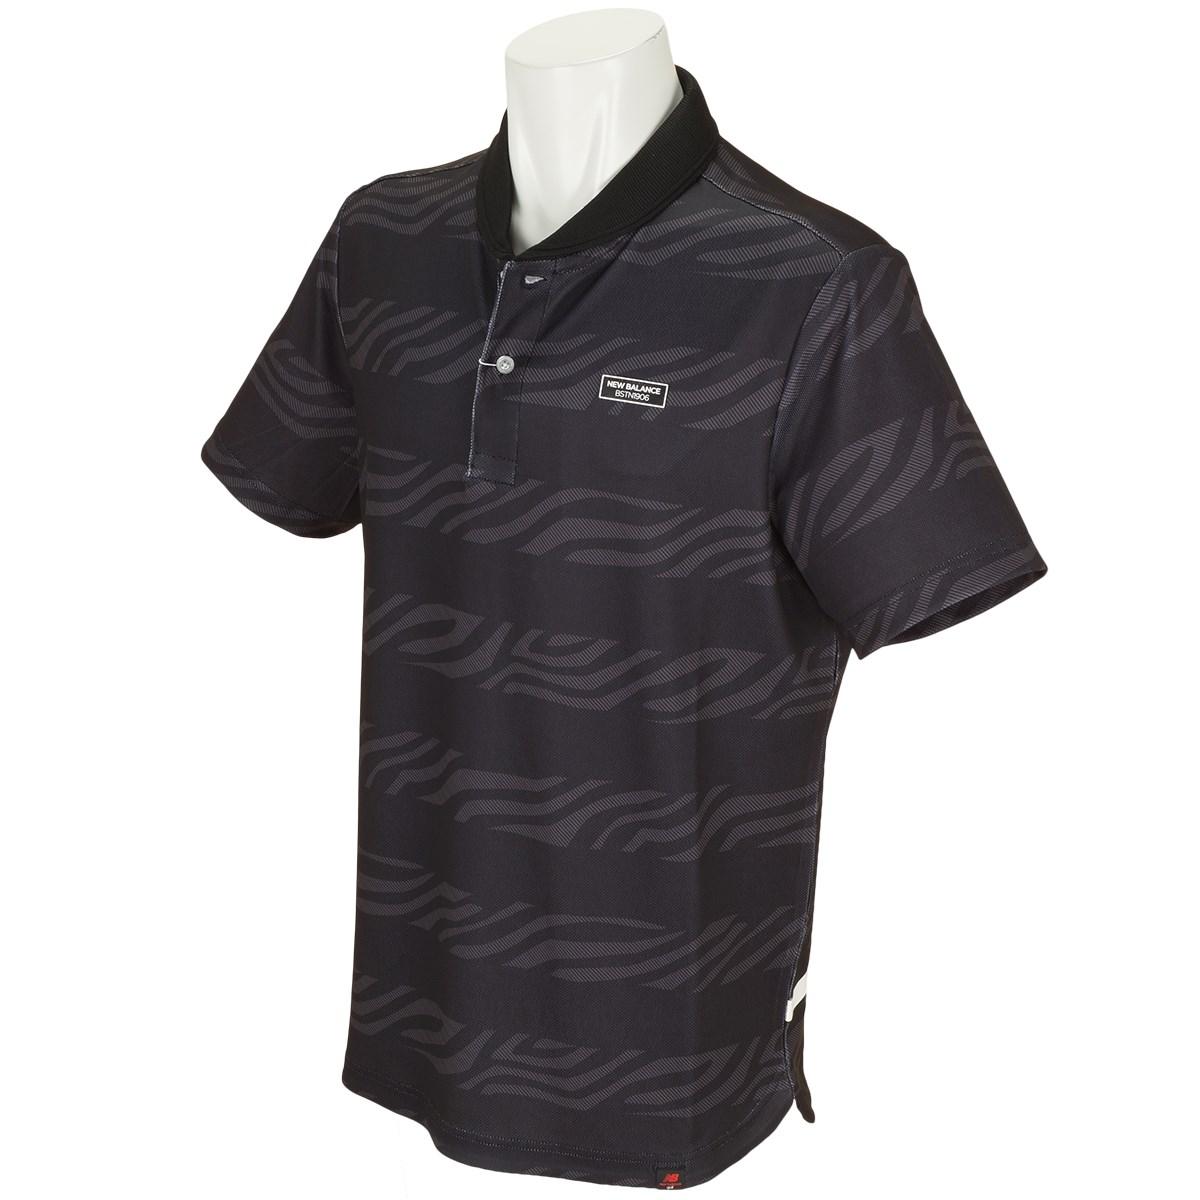 ニューバランス METRO 変形鹿の子 ゼブラボーダープリント半袖ポロシャツ